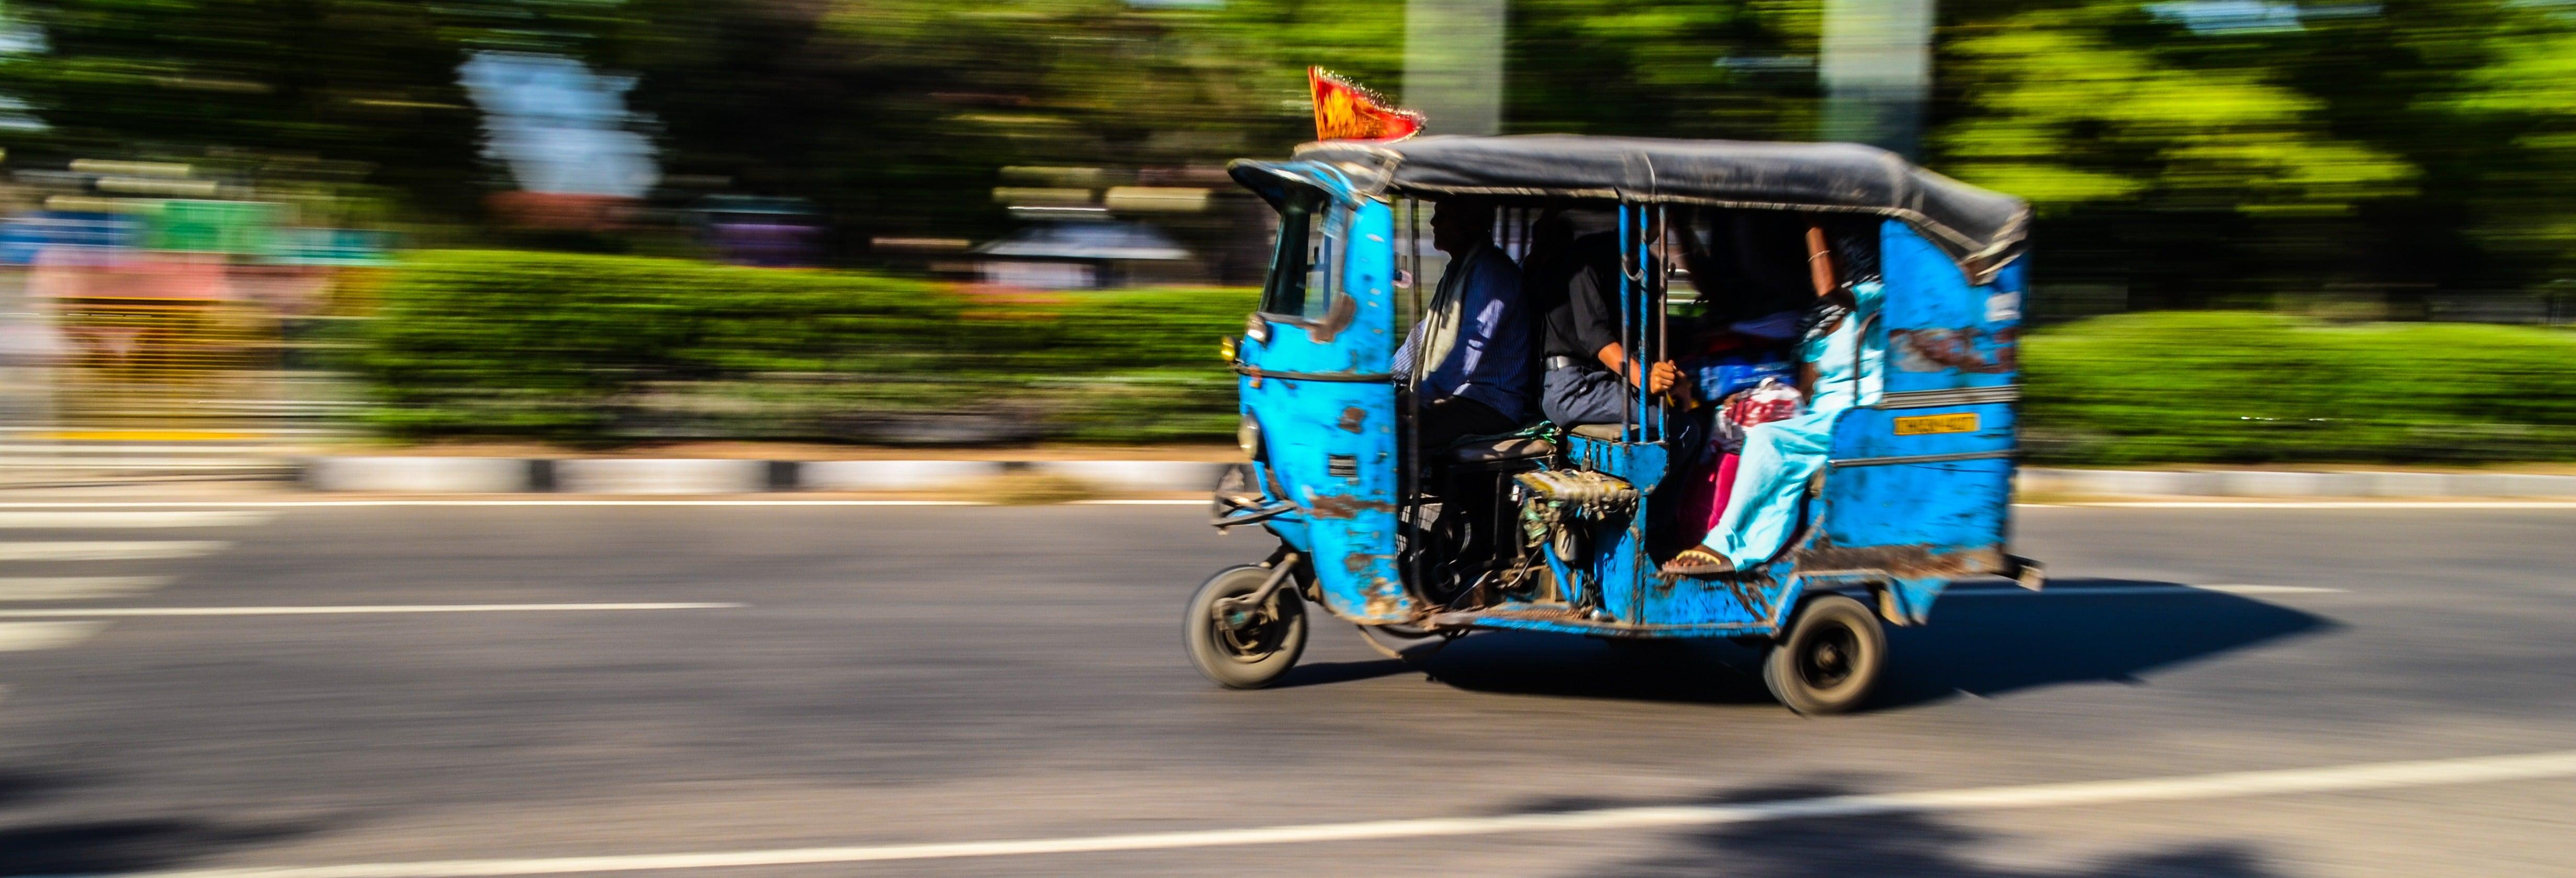 Tour en tuk tuk por los museos de Chandigarh